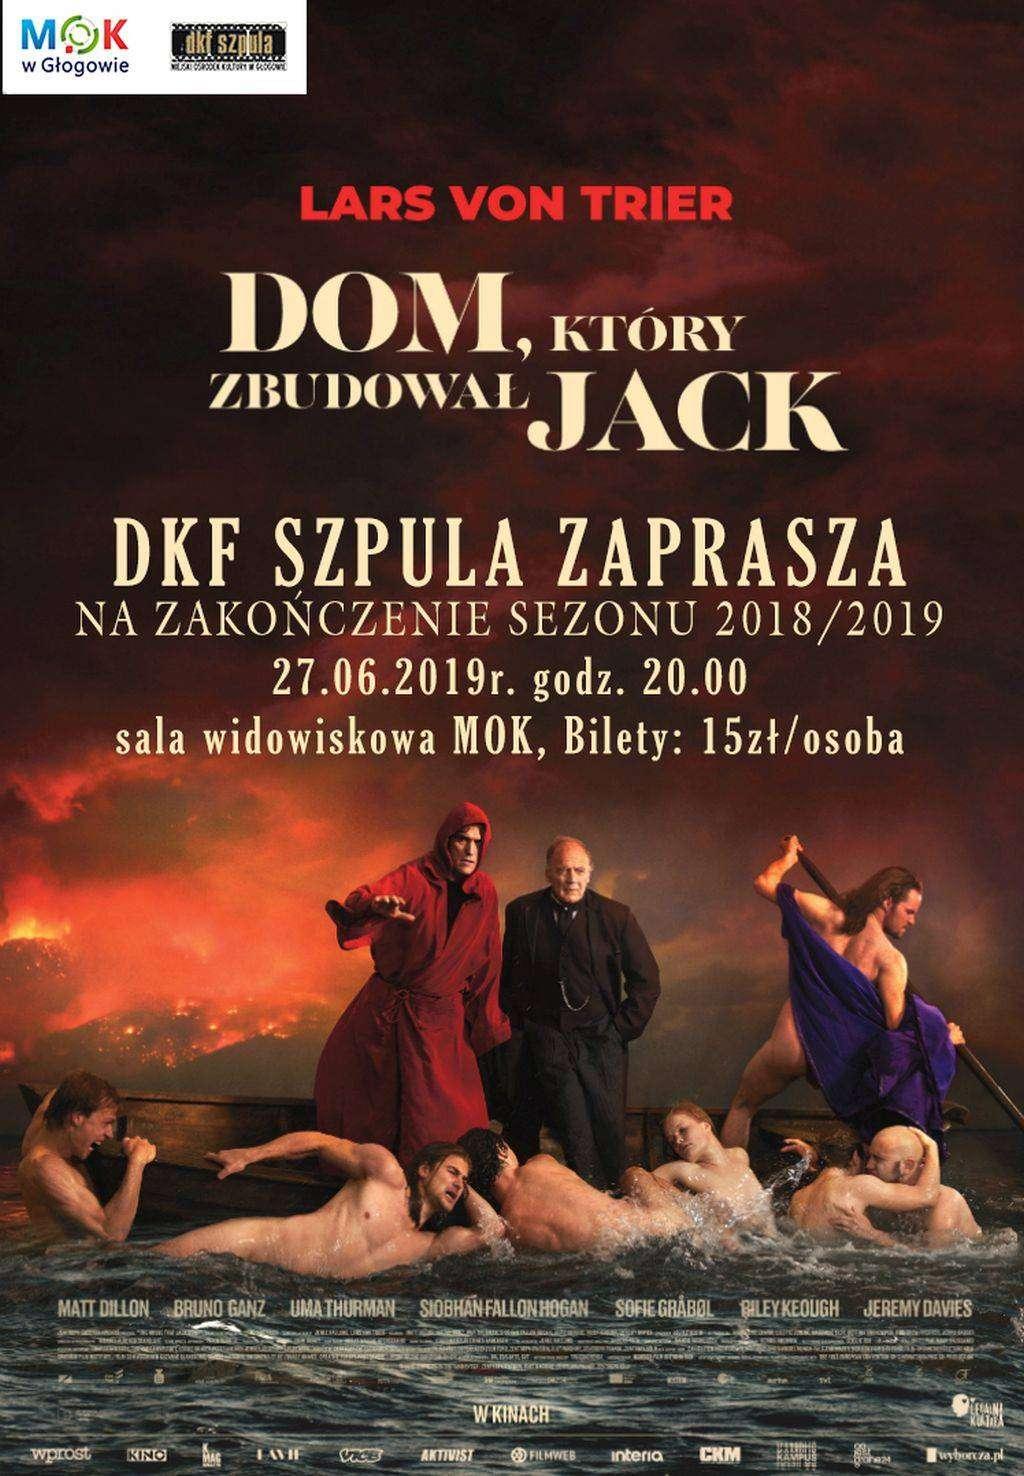 DKF_Dom_ktory_zbudowal_Jack_logo_